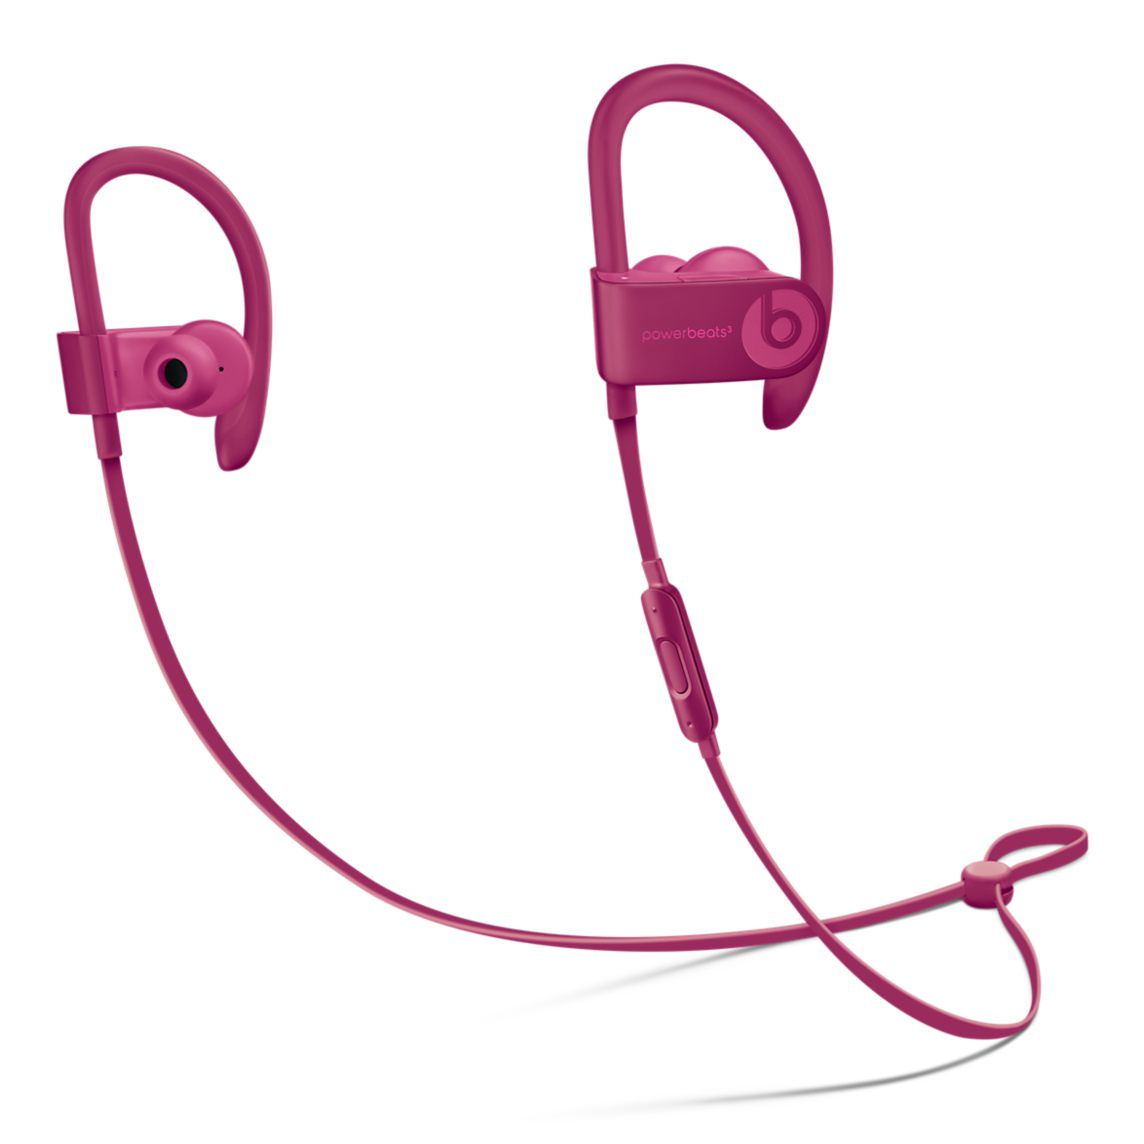 Powerbetas3-Wireless-3